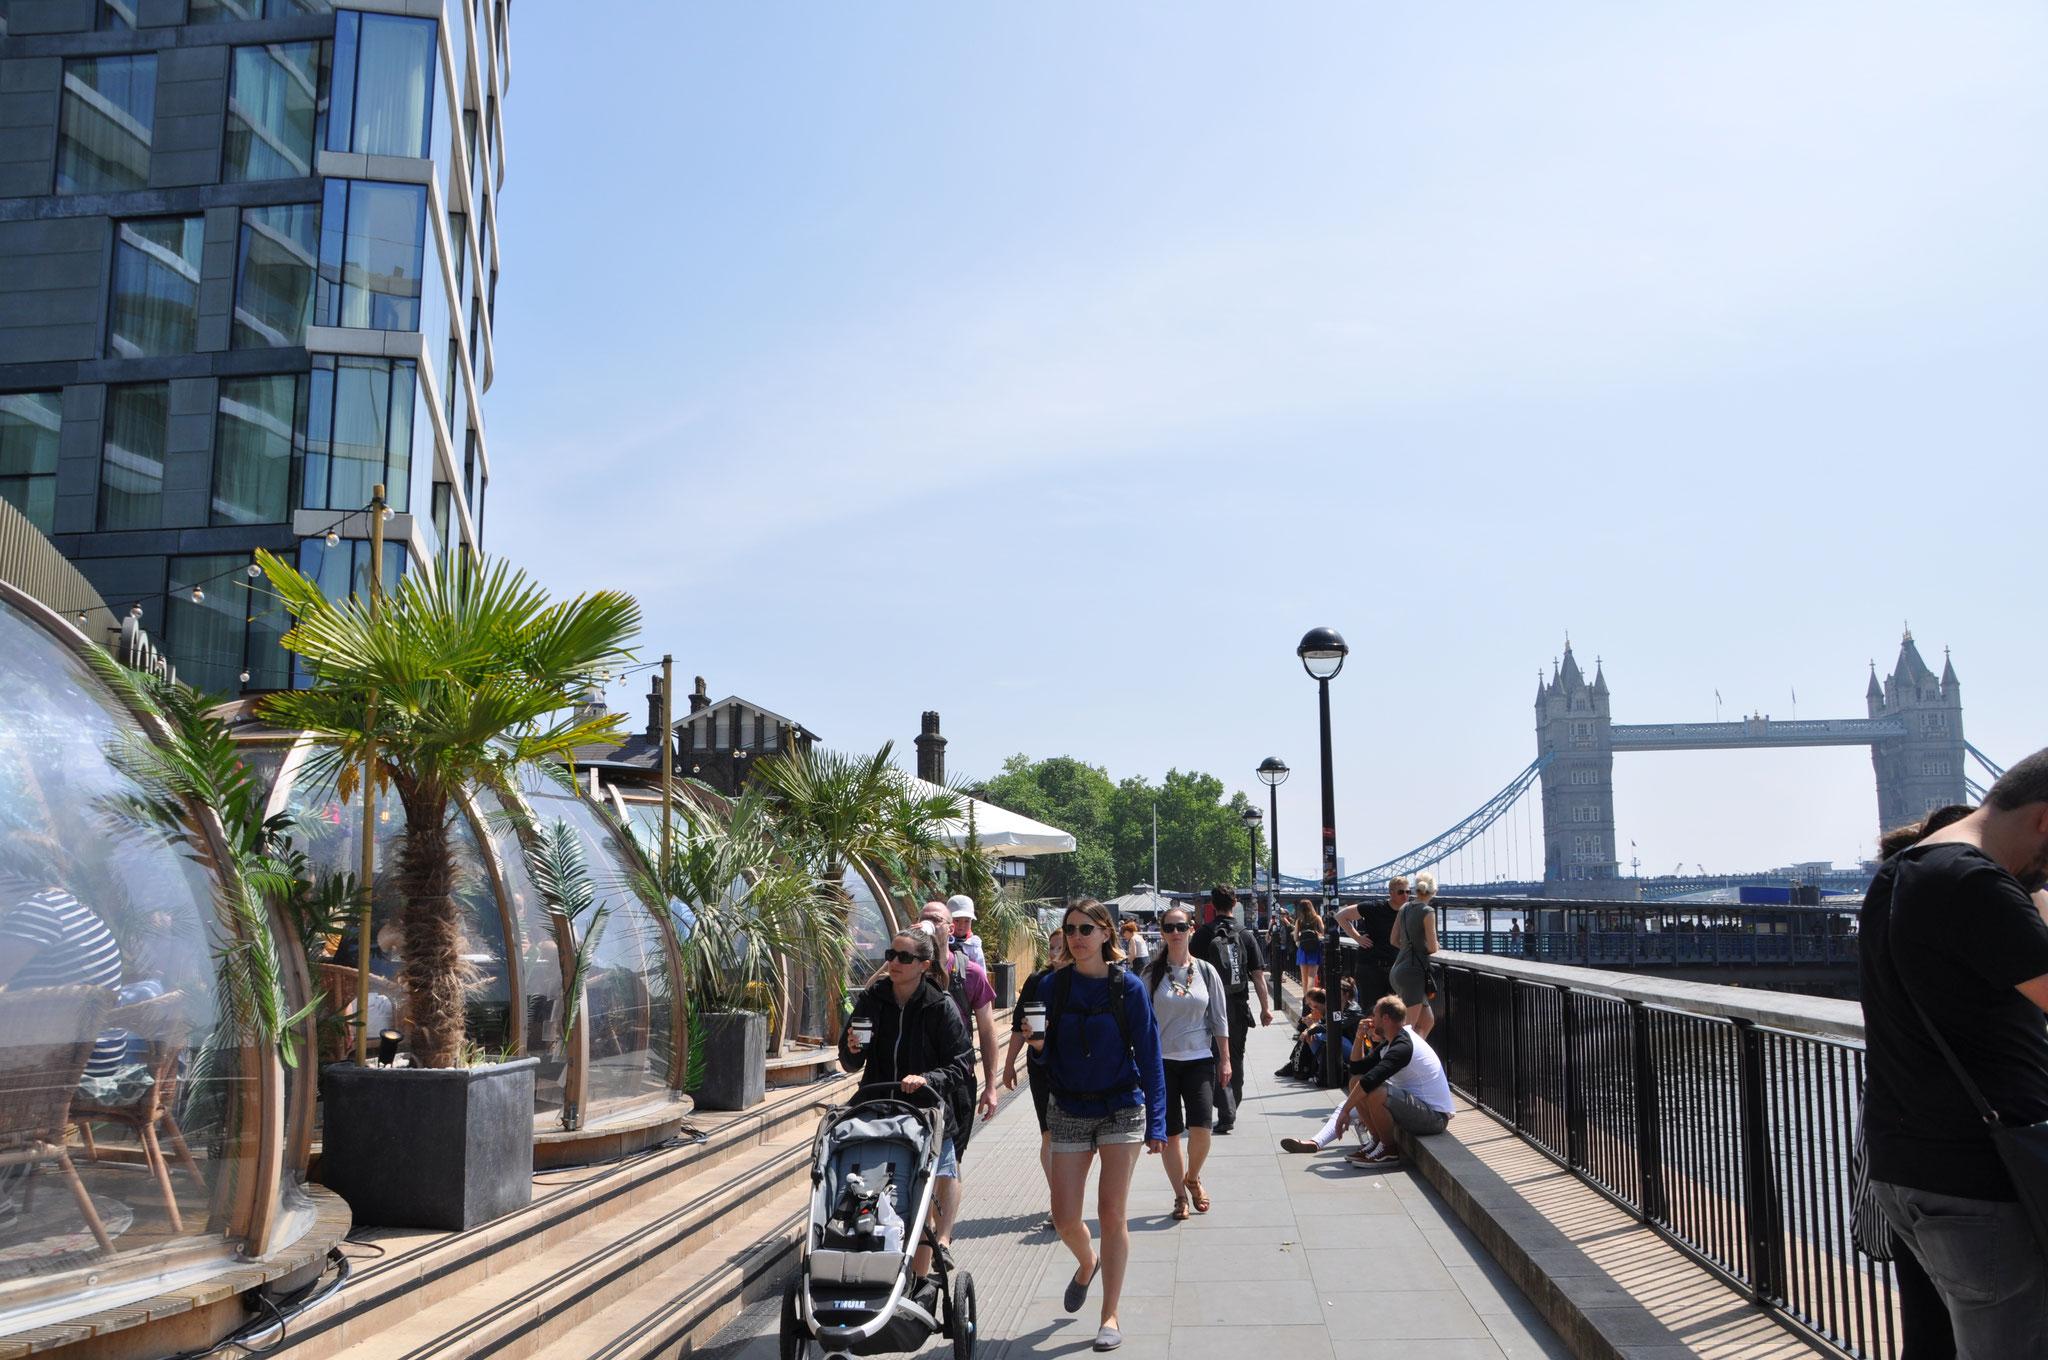 Enjoy the Thames